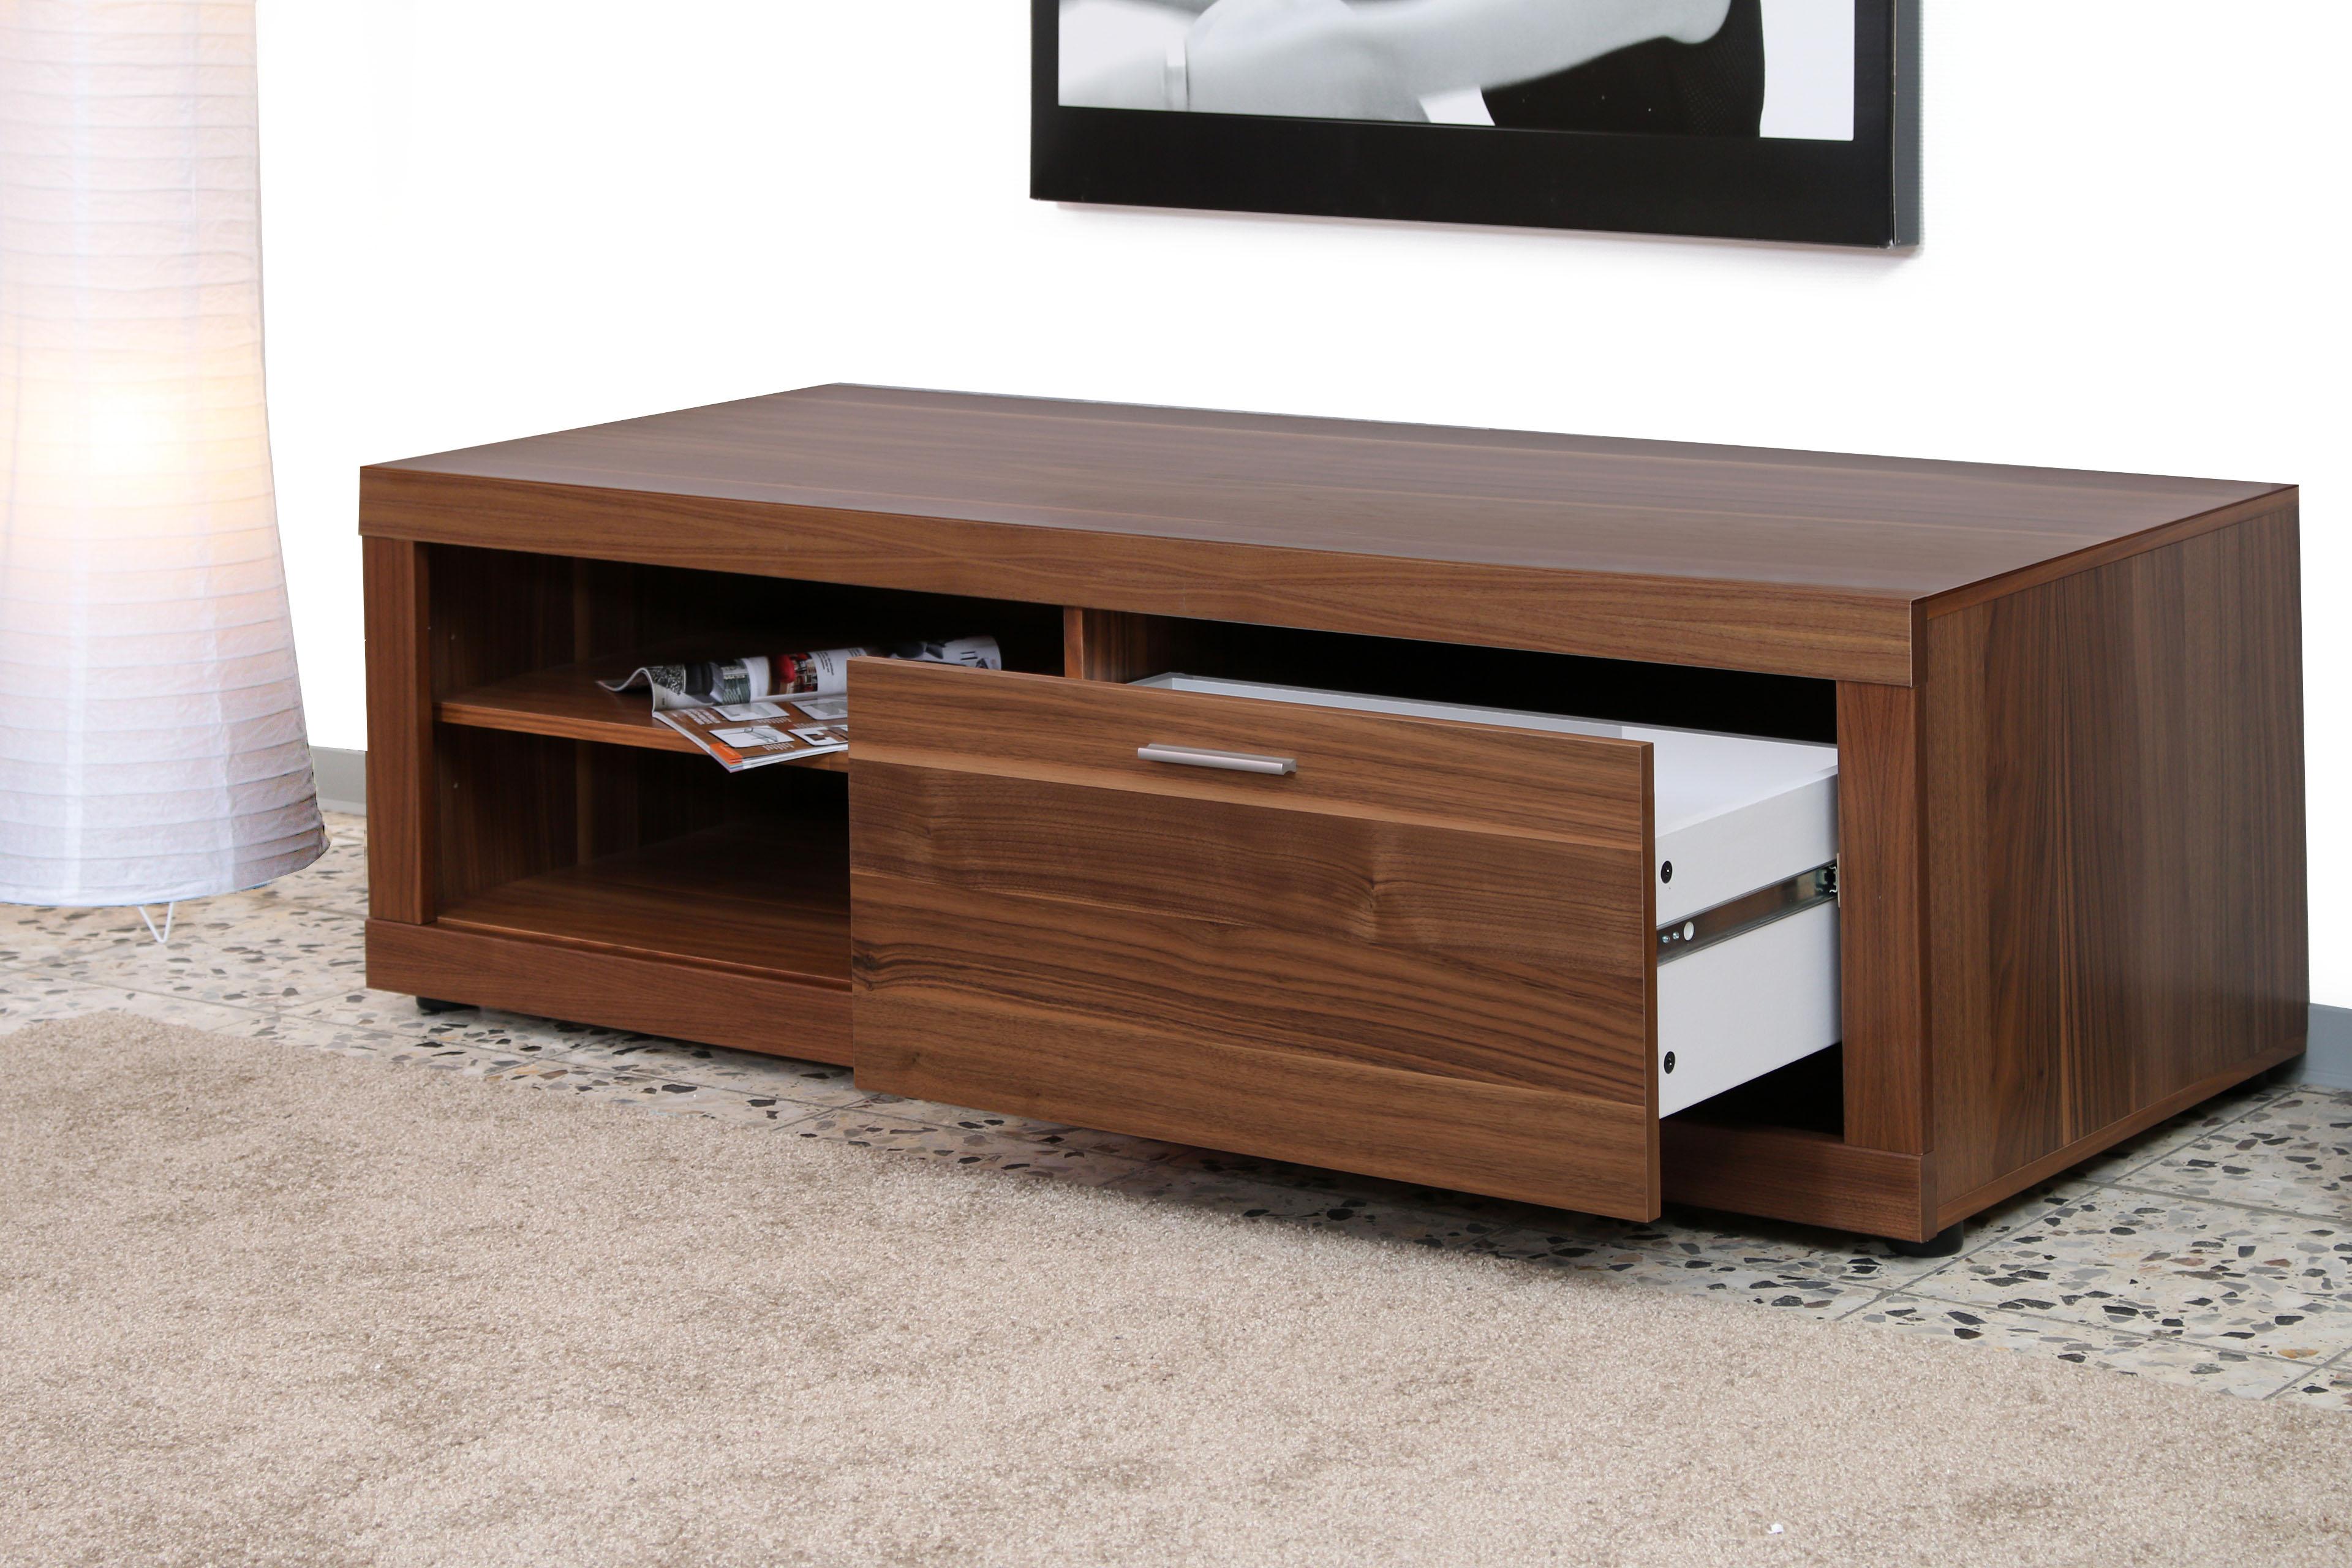 kollektion letz wohnwand joy kernnussbaum m bel letz. Black Bedroom Furniture Sets. Home Design Ideas